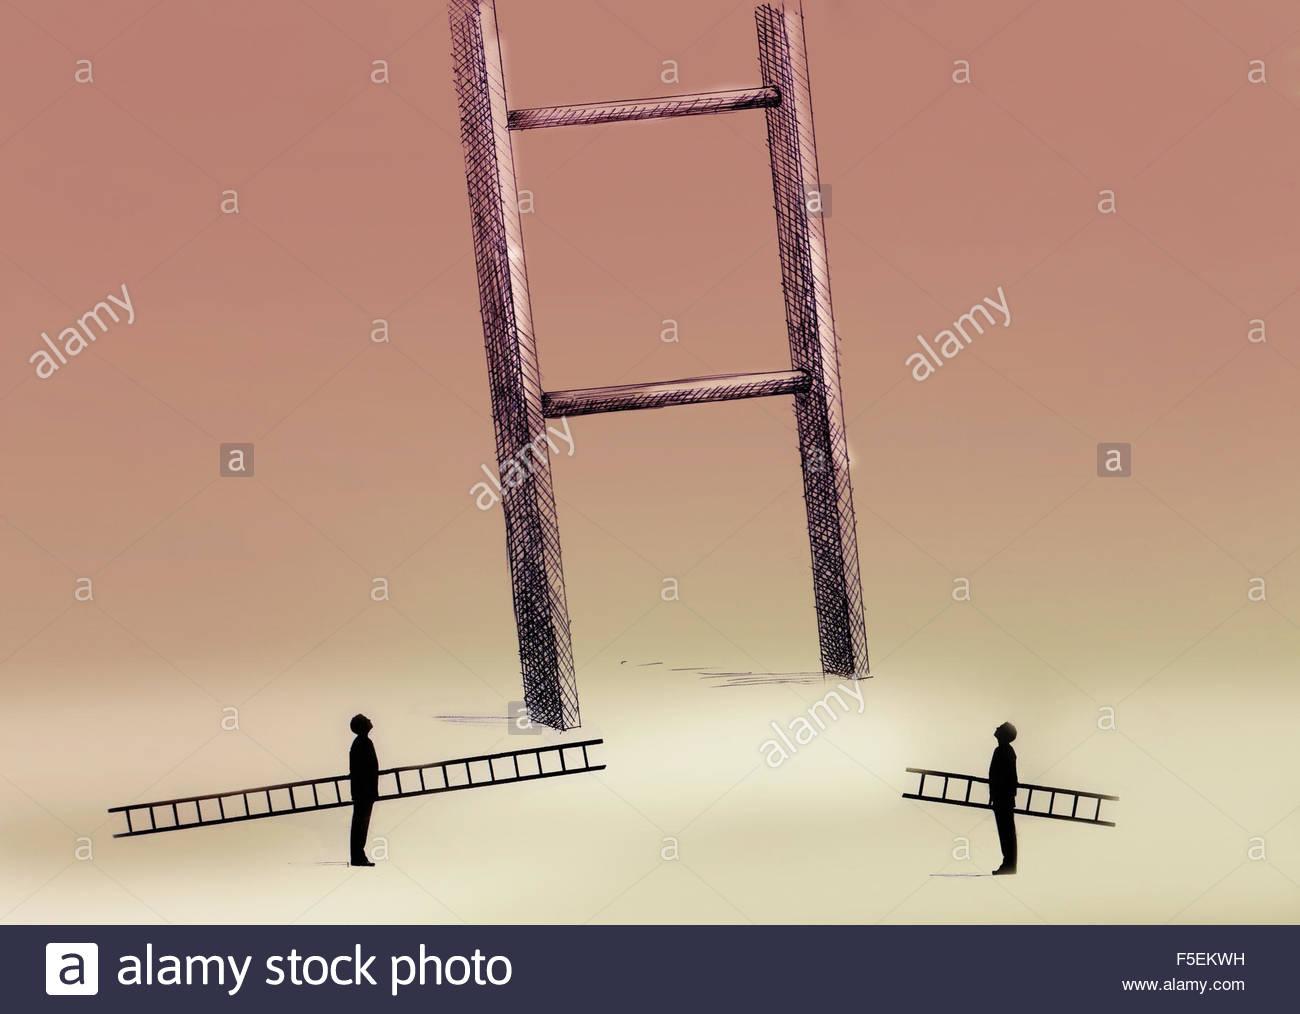 Dos hombres con pequeñas escaleras mirando hacia arriba a gran escalera Imagen De Stock